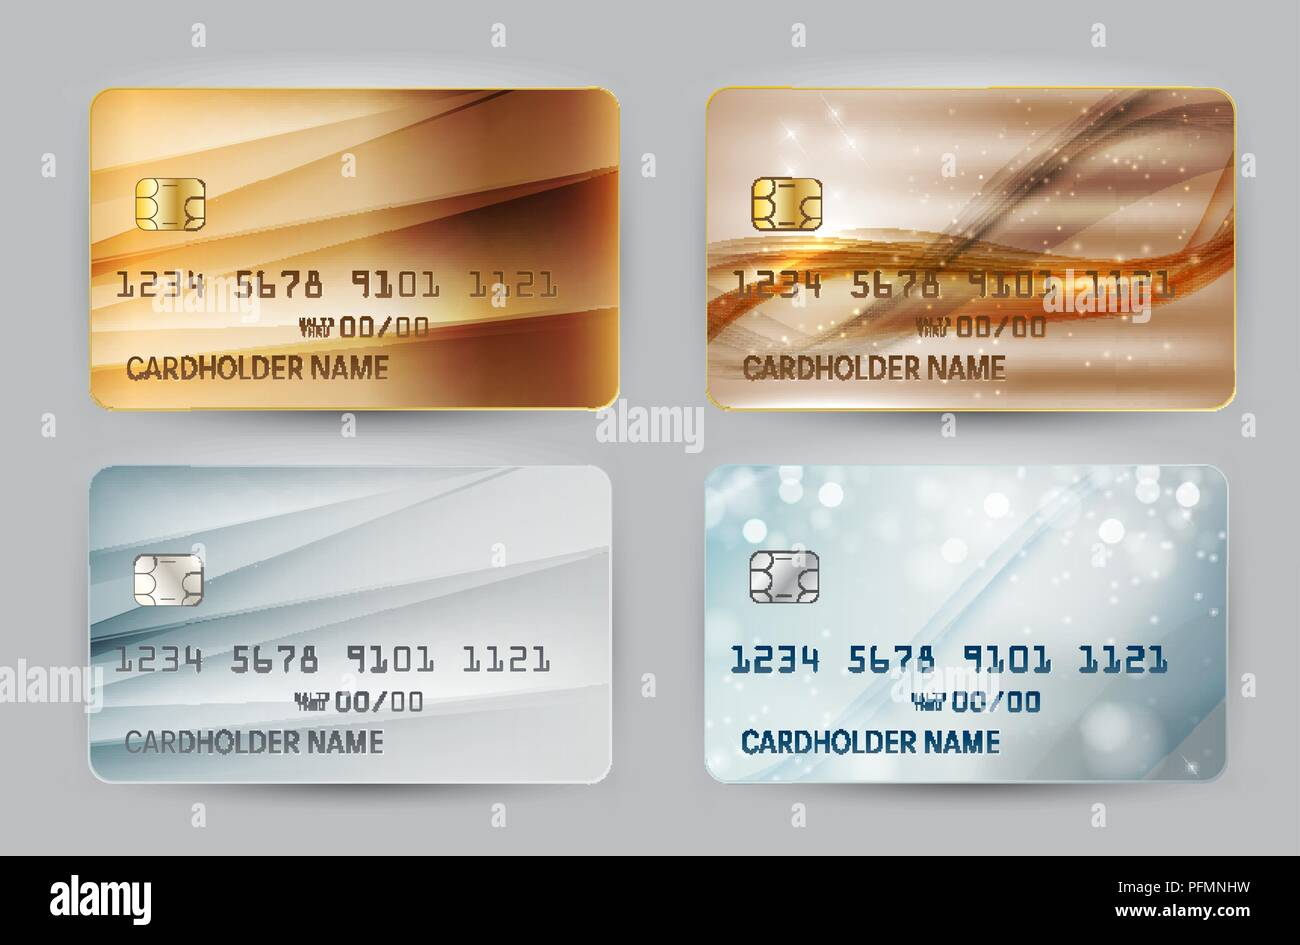 Carte Bancaire Avec Argent.Des Vagues D Or Et D Argent De La Carte Bancaire Modele